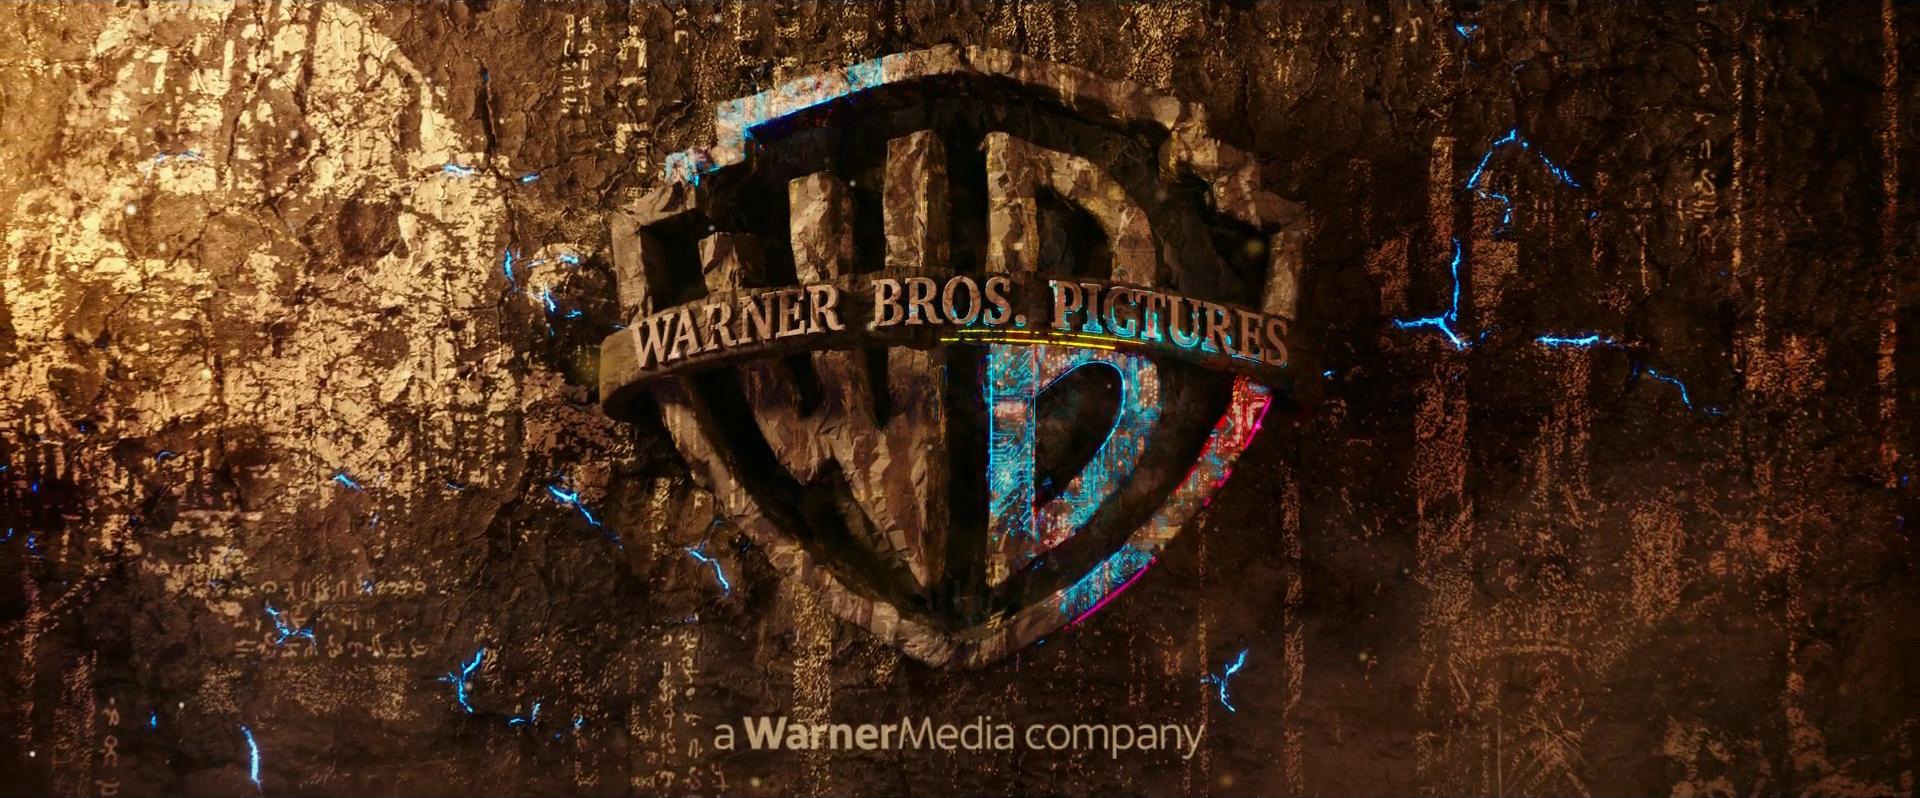 Godzilla vs Kong Trailer Still 08 - Warner Bros Logo